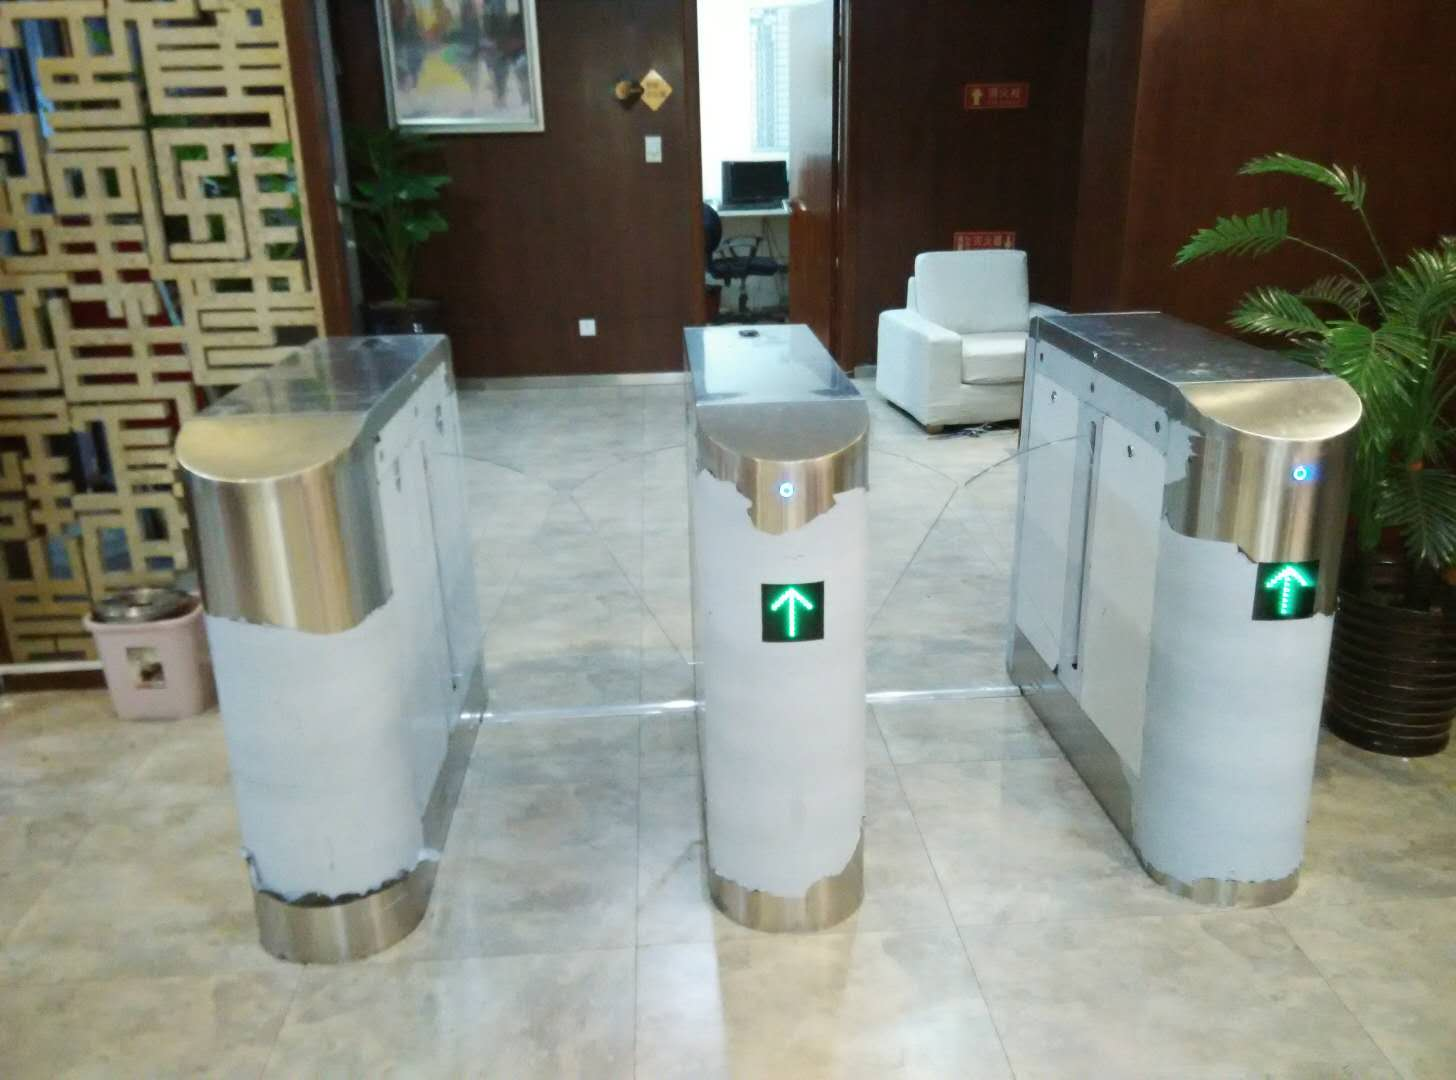 智奇科技银川健身房闸机门禁系统安装18123733271追梦云安装外包服务平台。